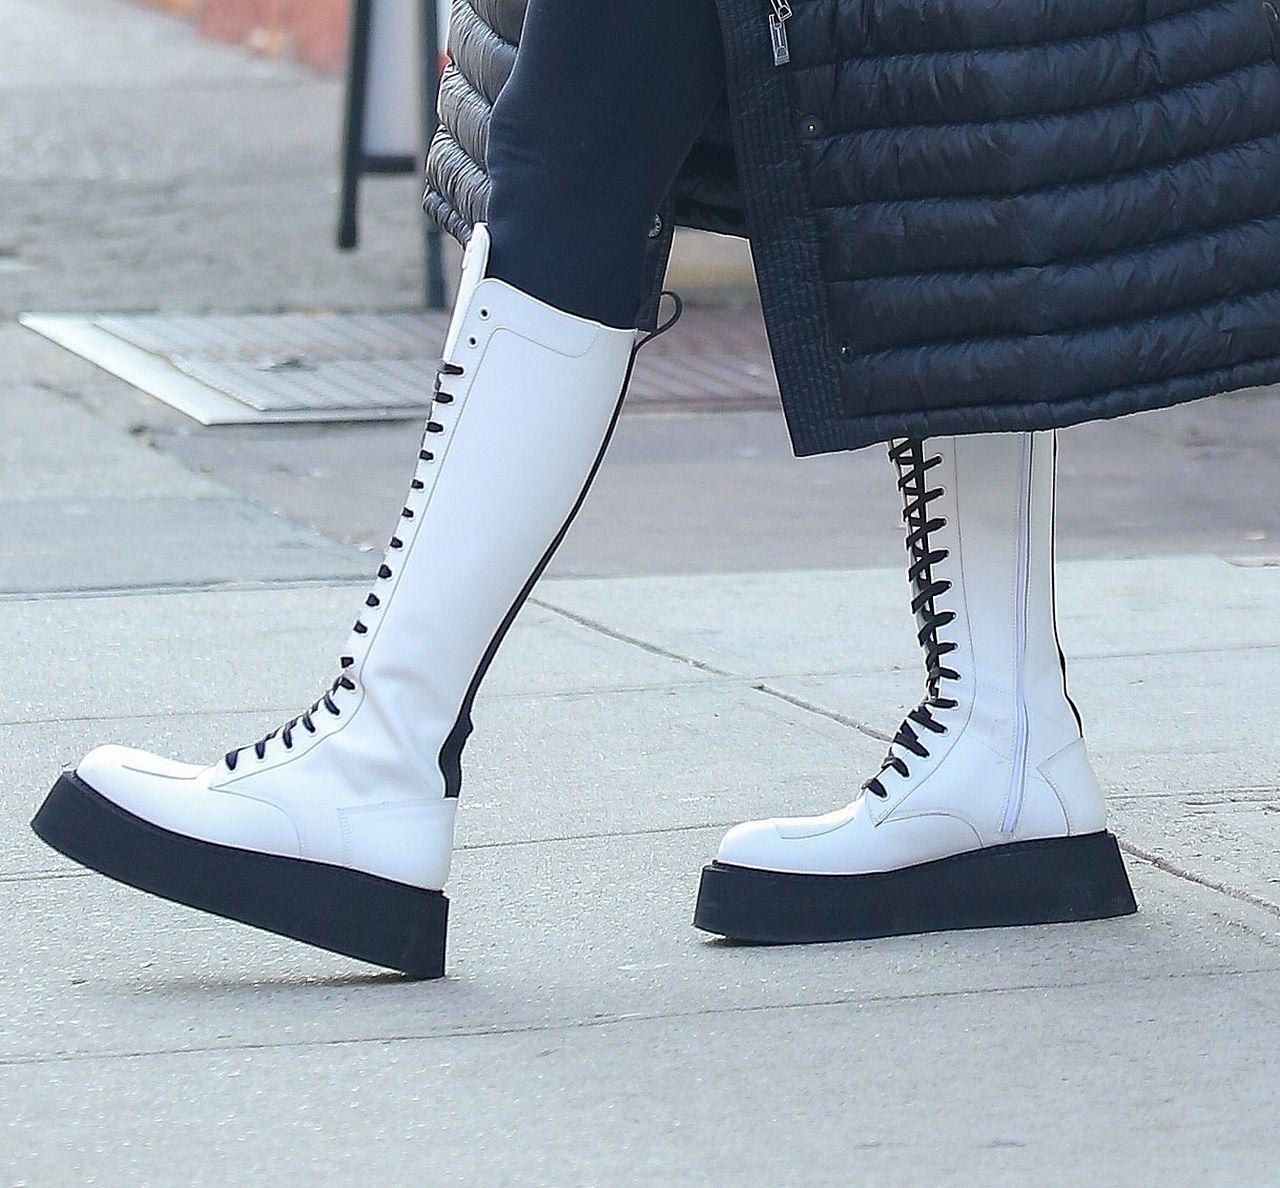 Buty Iriny Shayk rzucały się w oczy